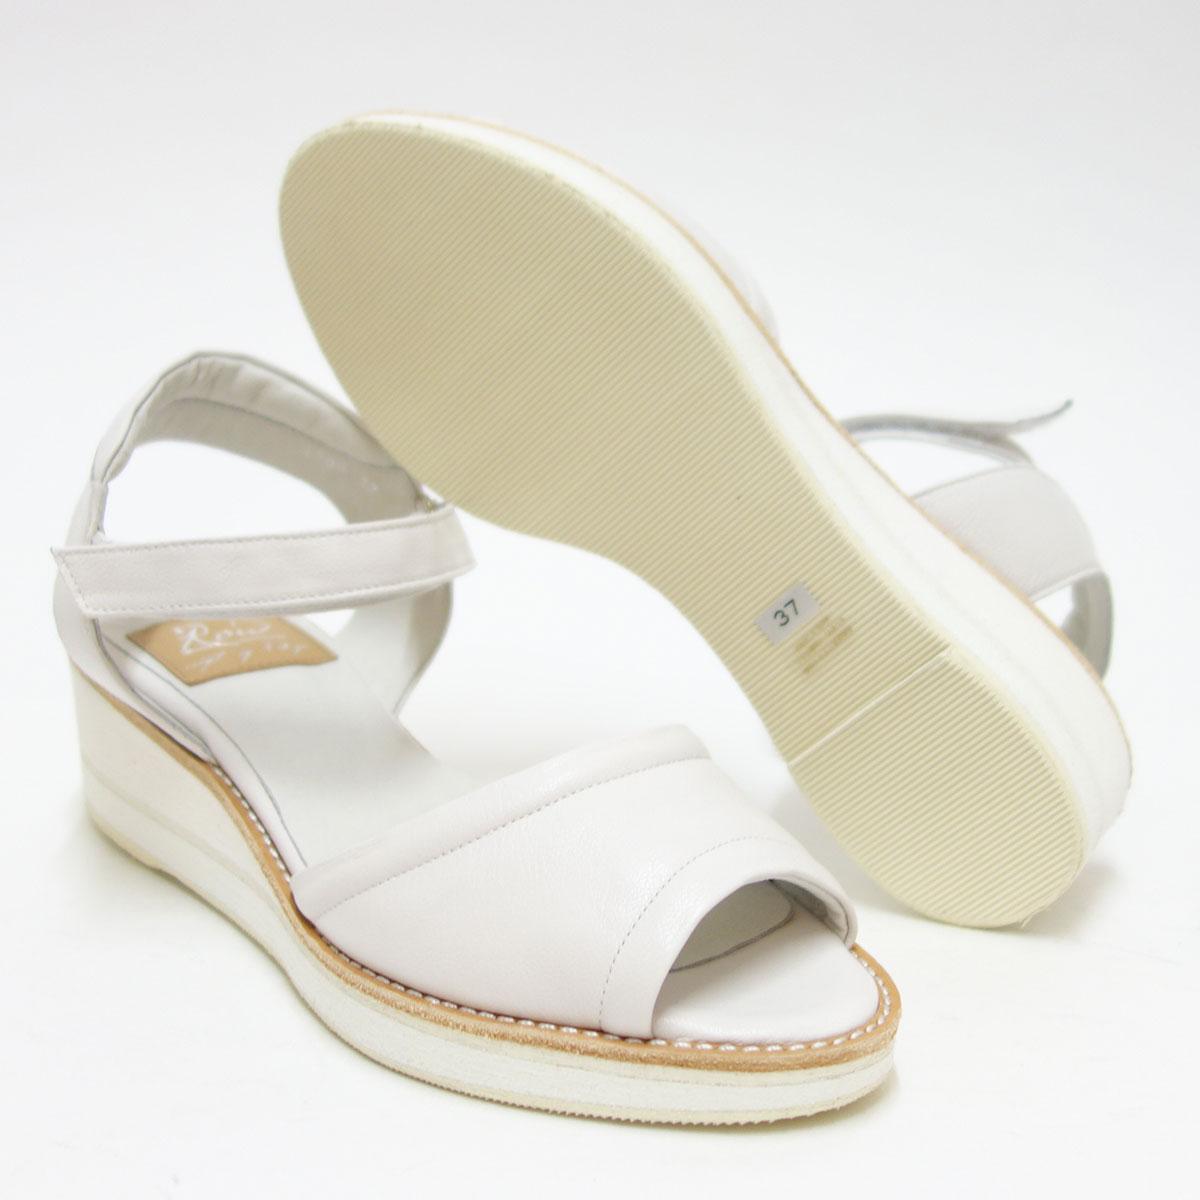 一足一足クラフト仕上げ(日本製)Row ロウ 1500 ホワイト上質レザーのストラップサンダル「靴」